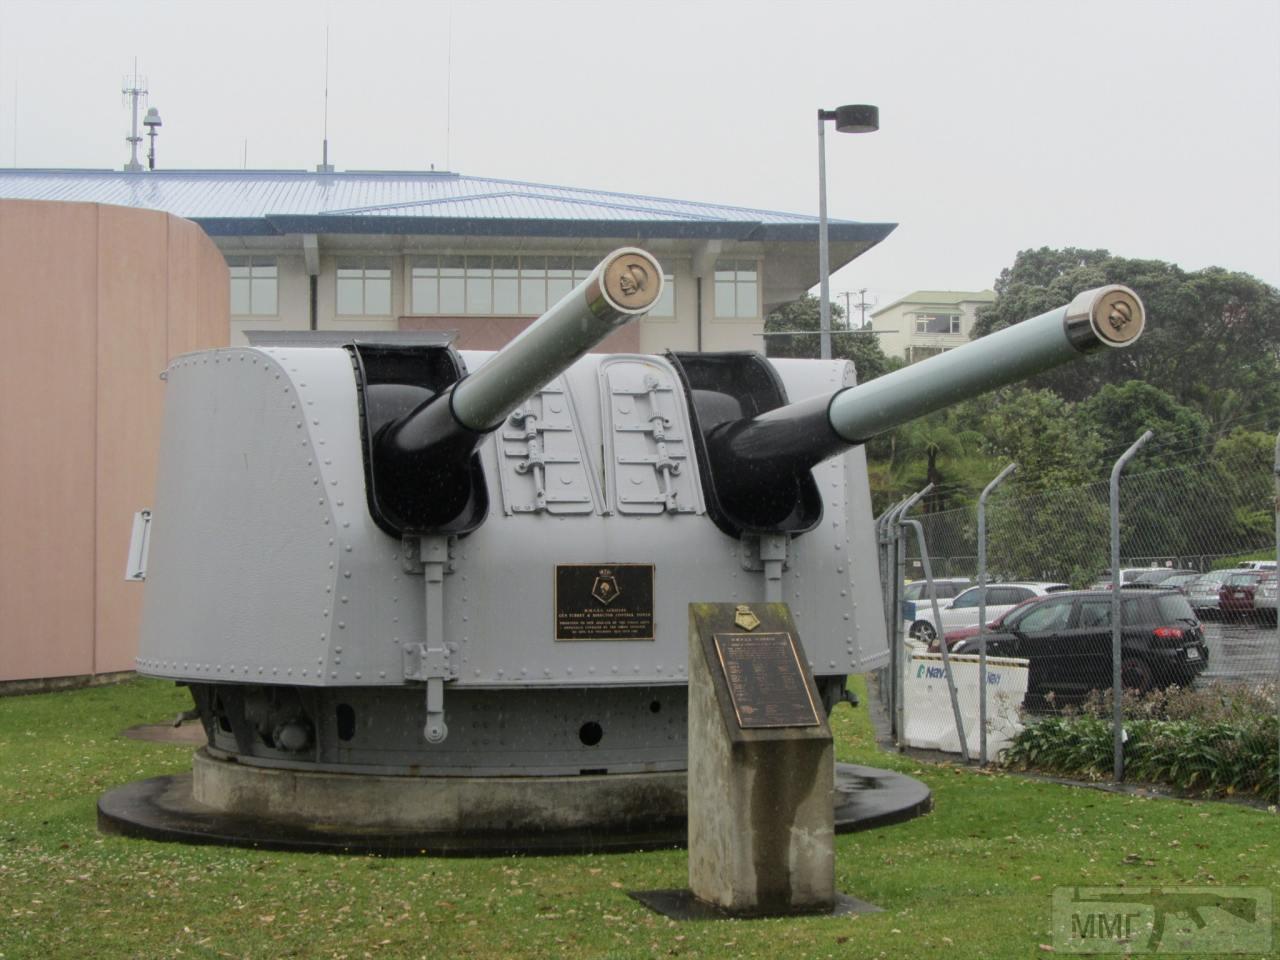 101202 - Корабельные пушки-монстры в музеях и во дворах...